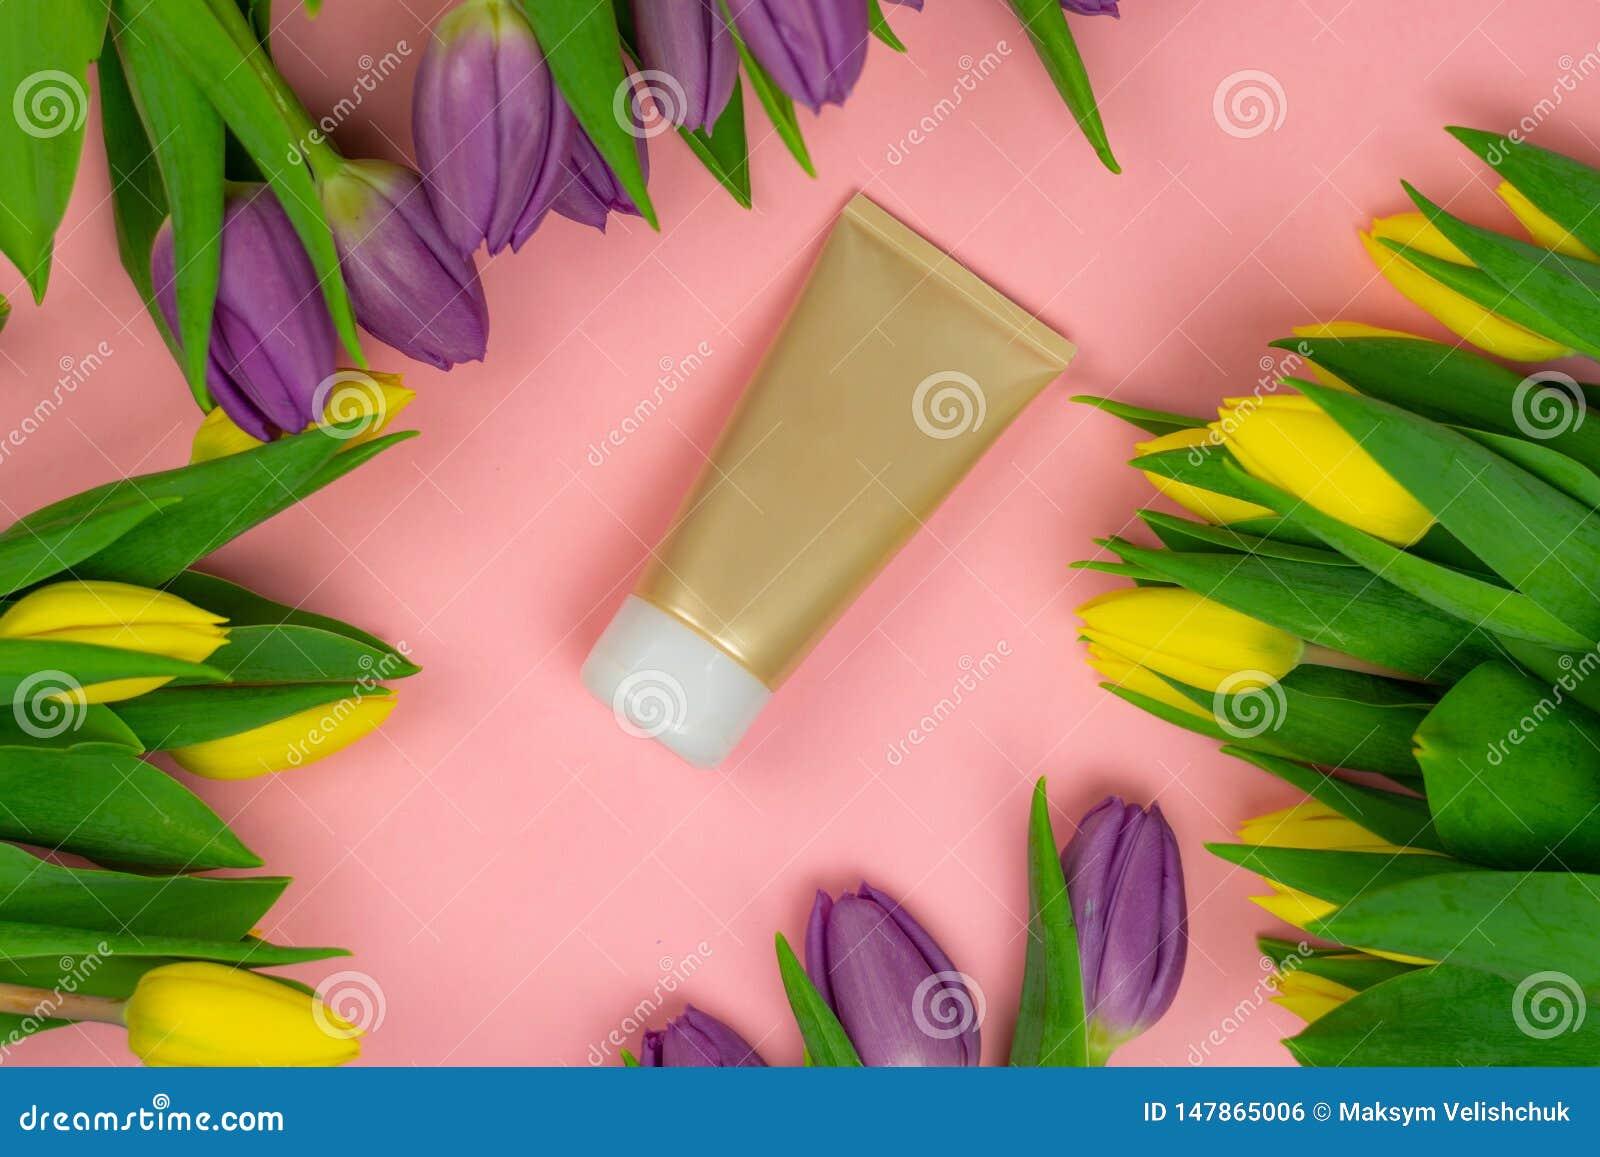 Κενός σωλήνας της κρέμας σε ένα ρόδινο υπόβαθρο με τα λουλούδια